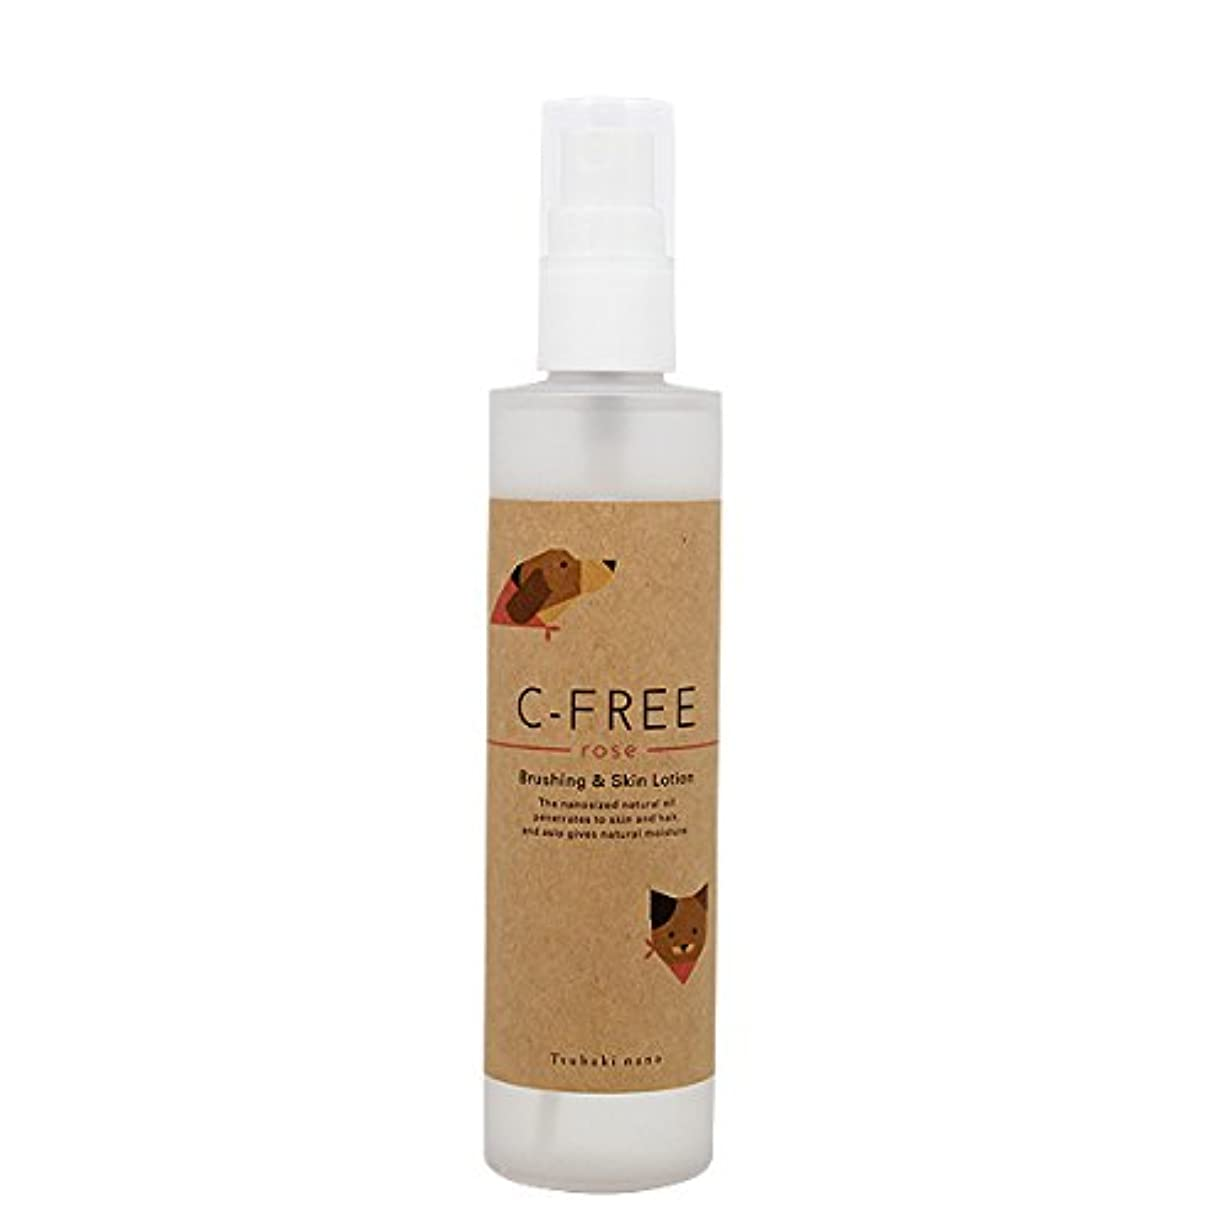 薄汚いファン忙しい椿なの シーフリーロゼ(天然ローズの香り)ブラッシング&スキンローション 150ml